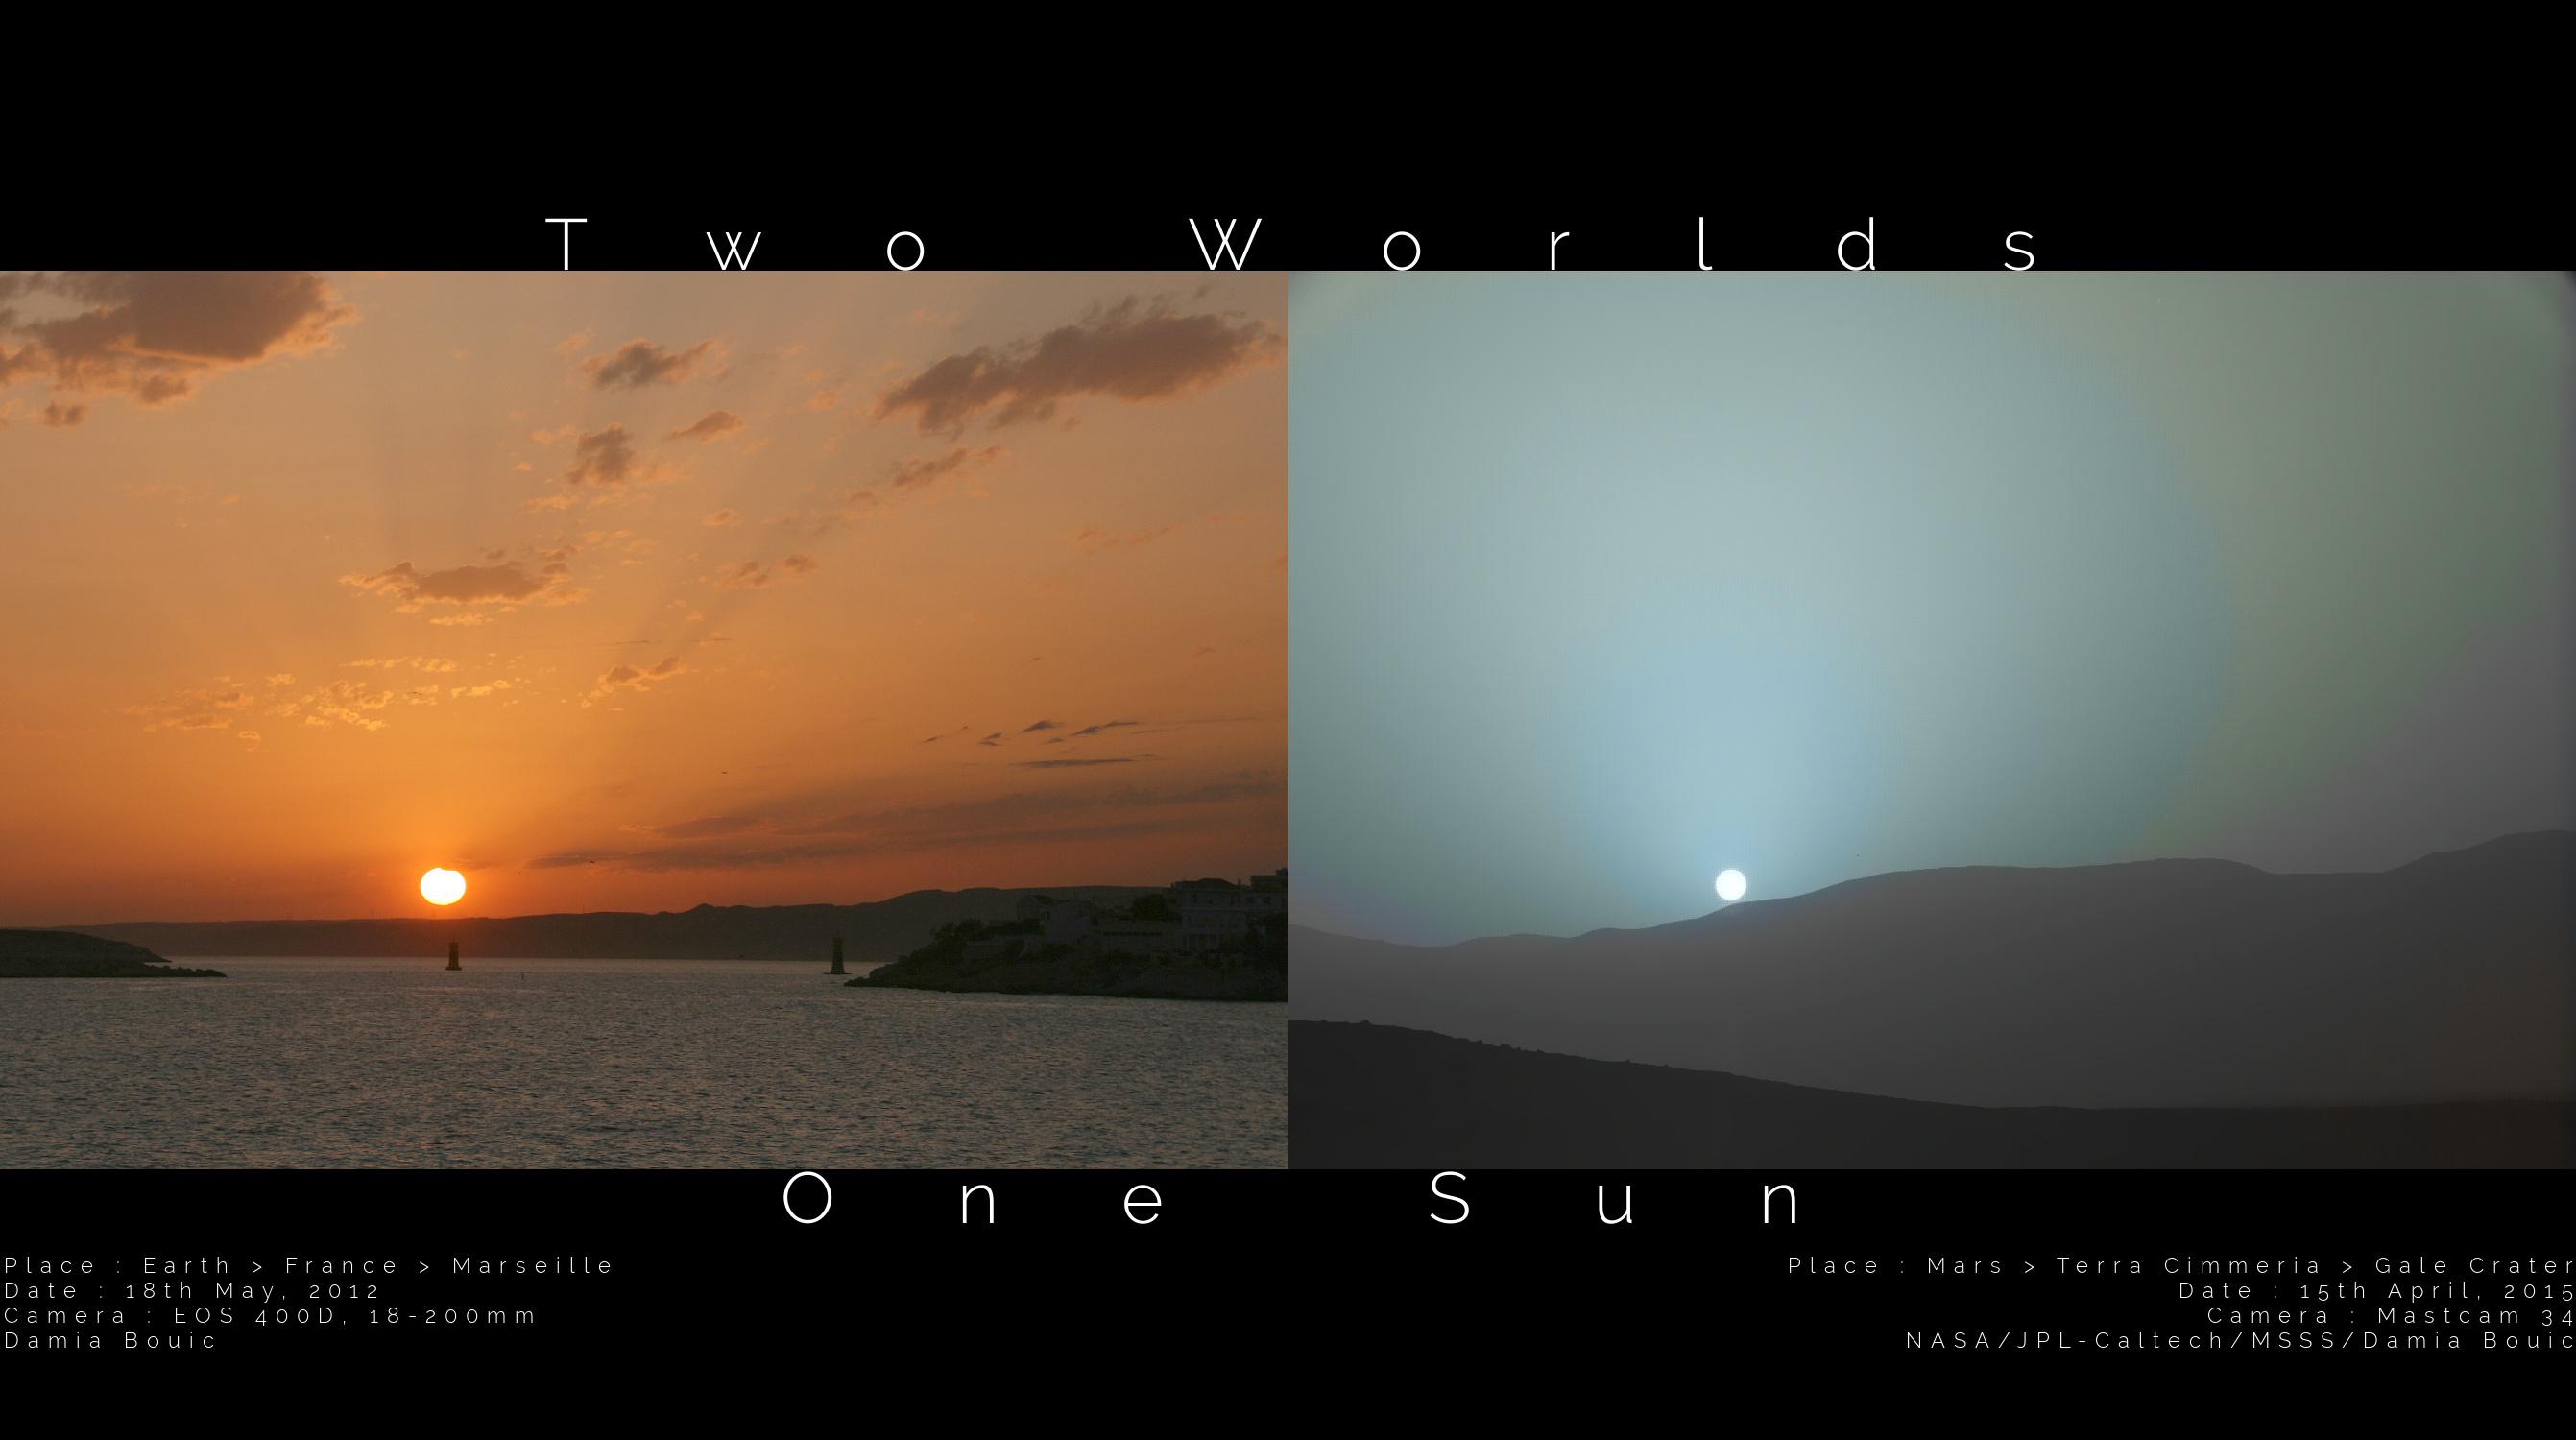 Coucher de soleil sur mars chez damia bouic - Mars sunset wallpaper ...